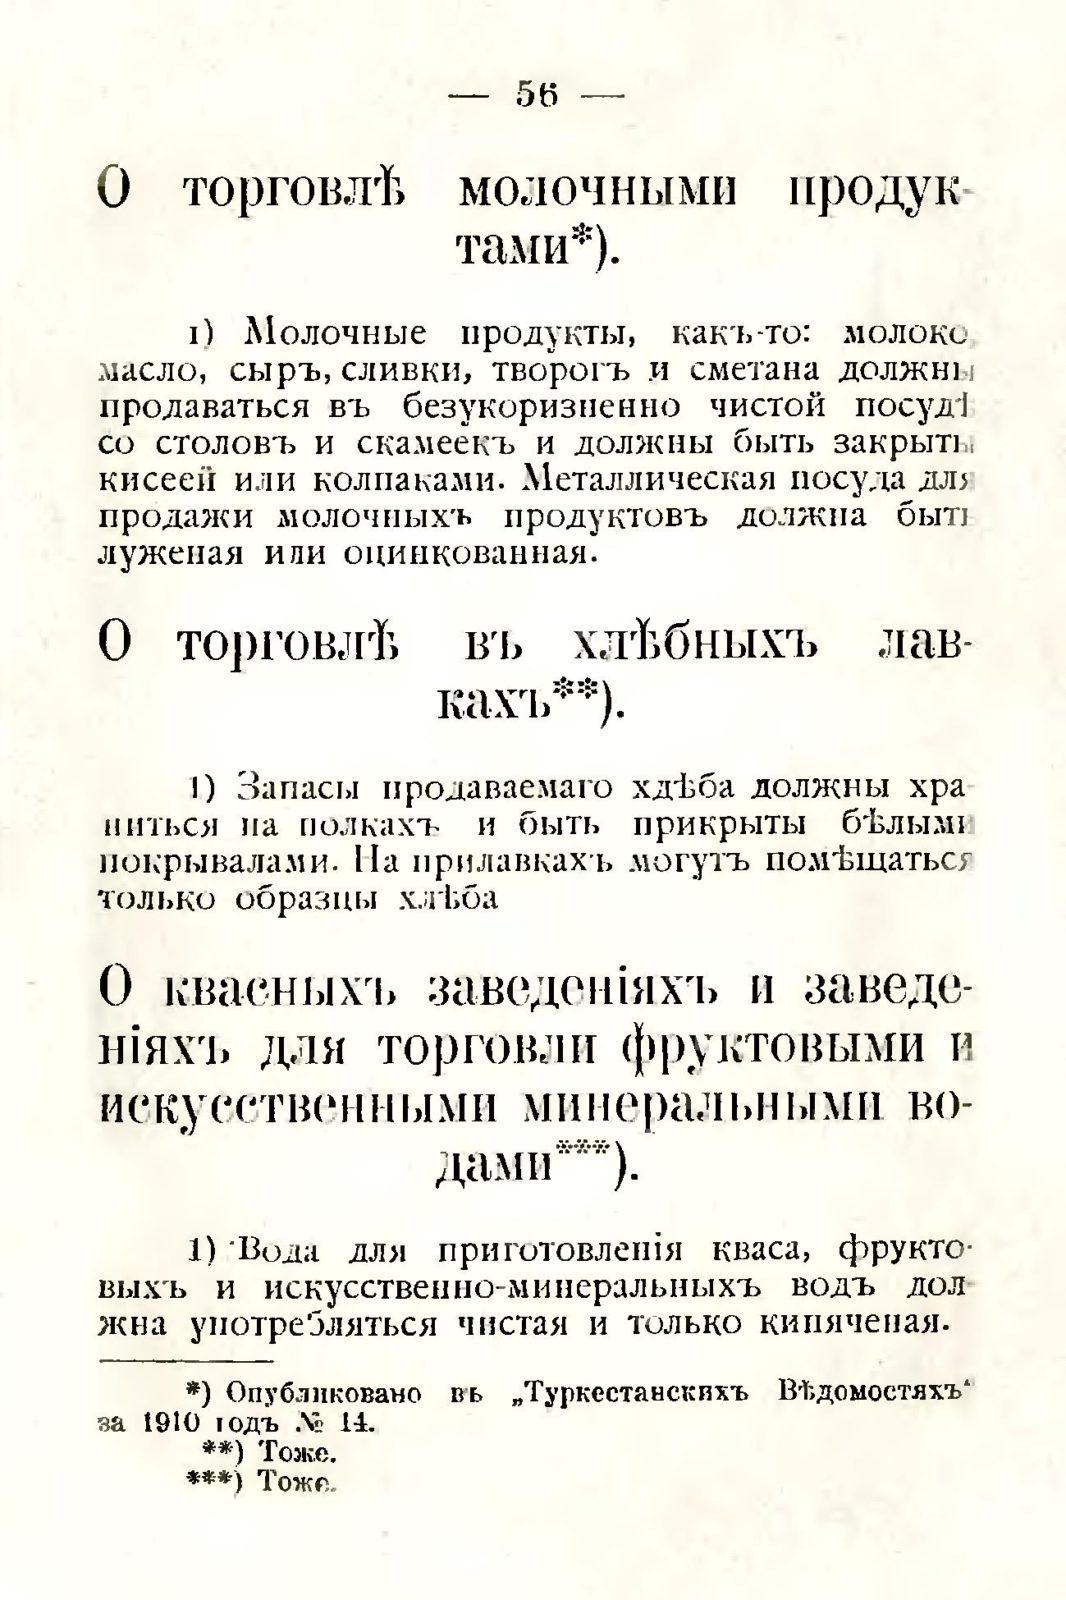 sbornik_obyazatelnyh_postanovlenii_tashkentskoi_gorodskoi_du_60